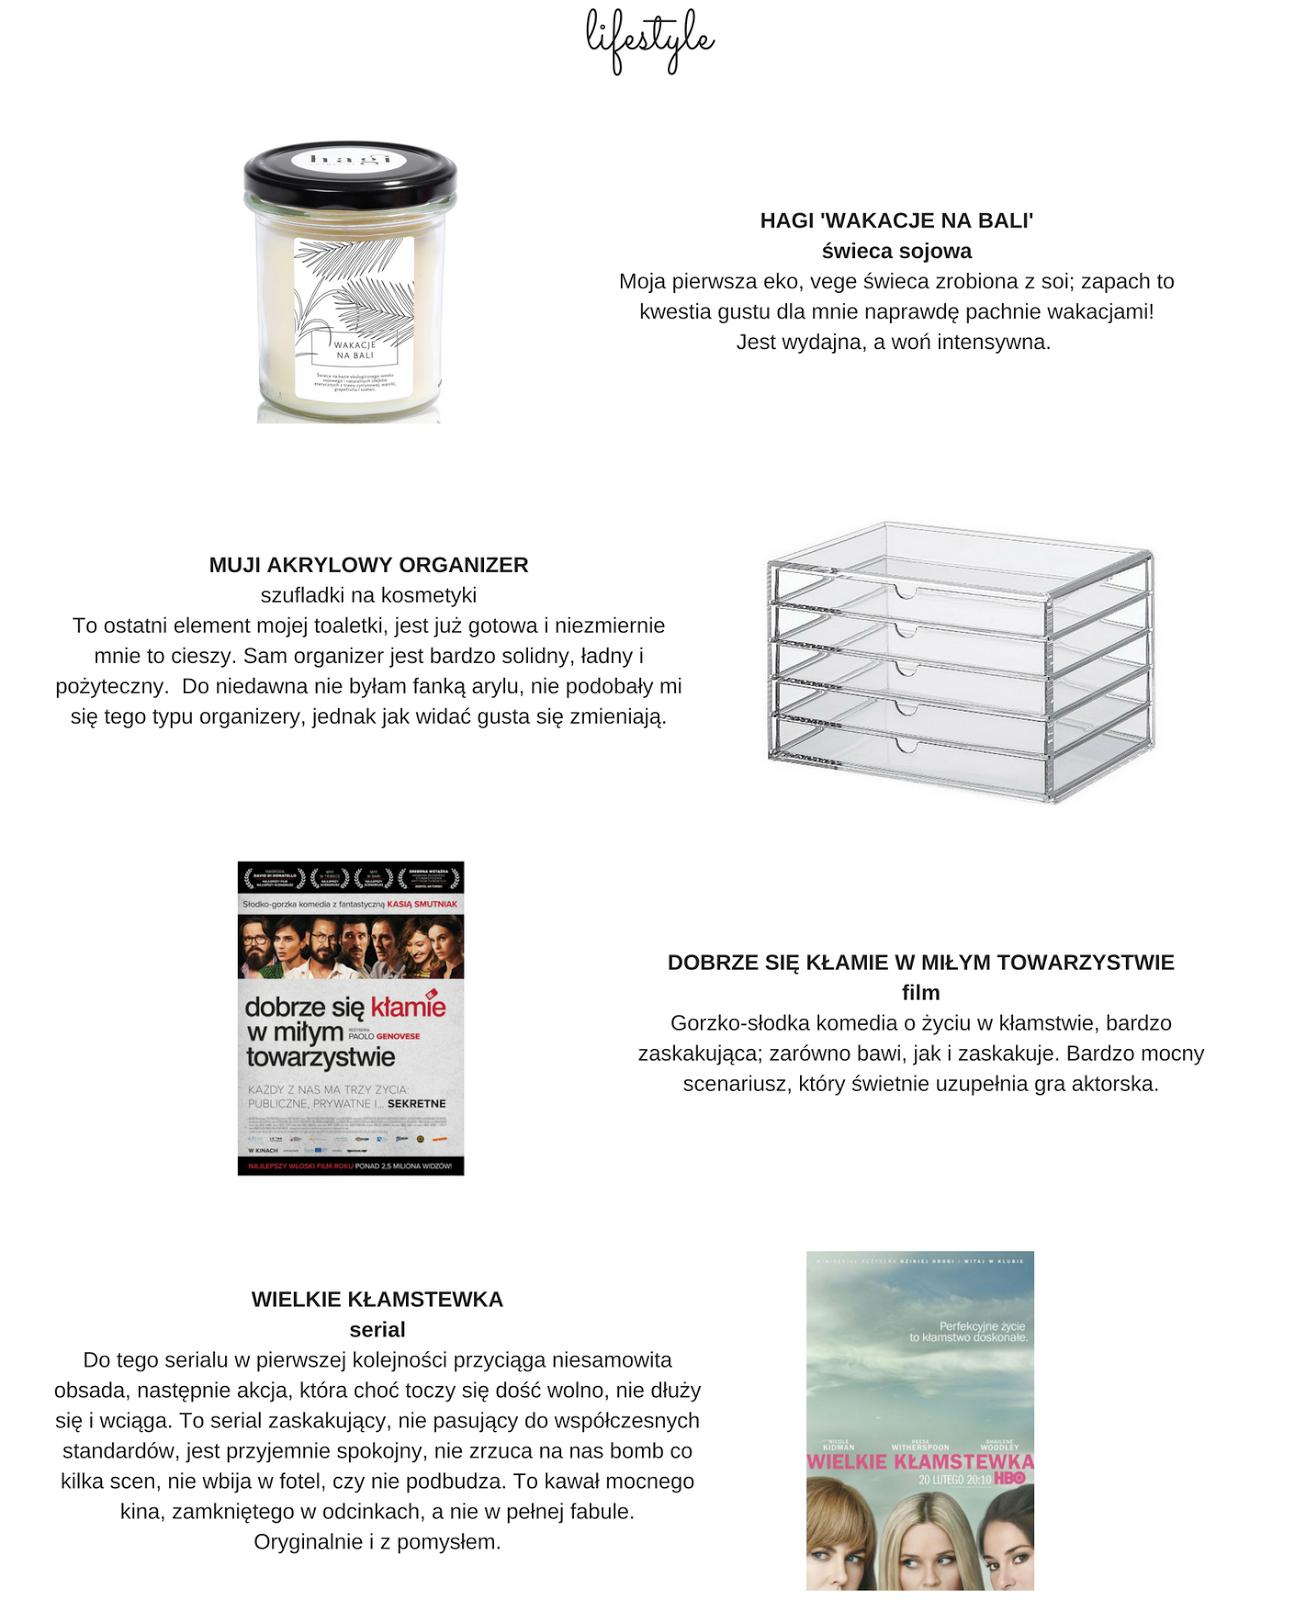 ulubione rzeczy blog kosmetyki